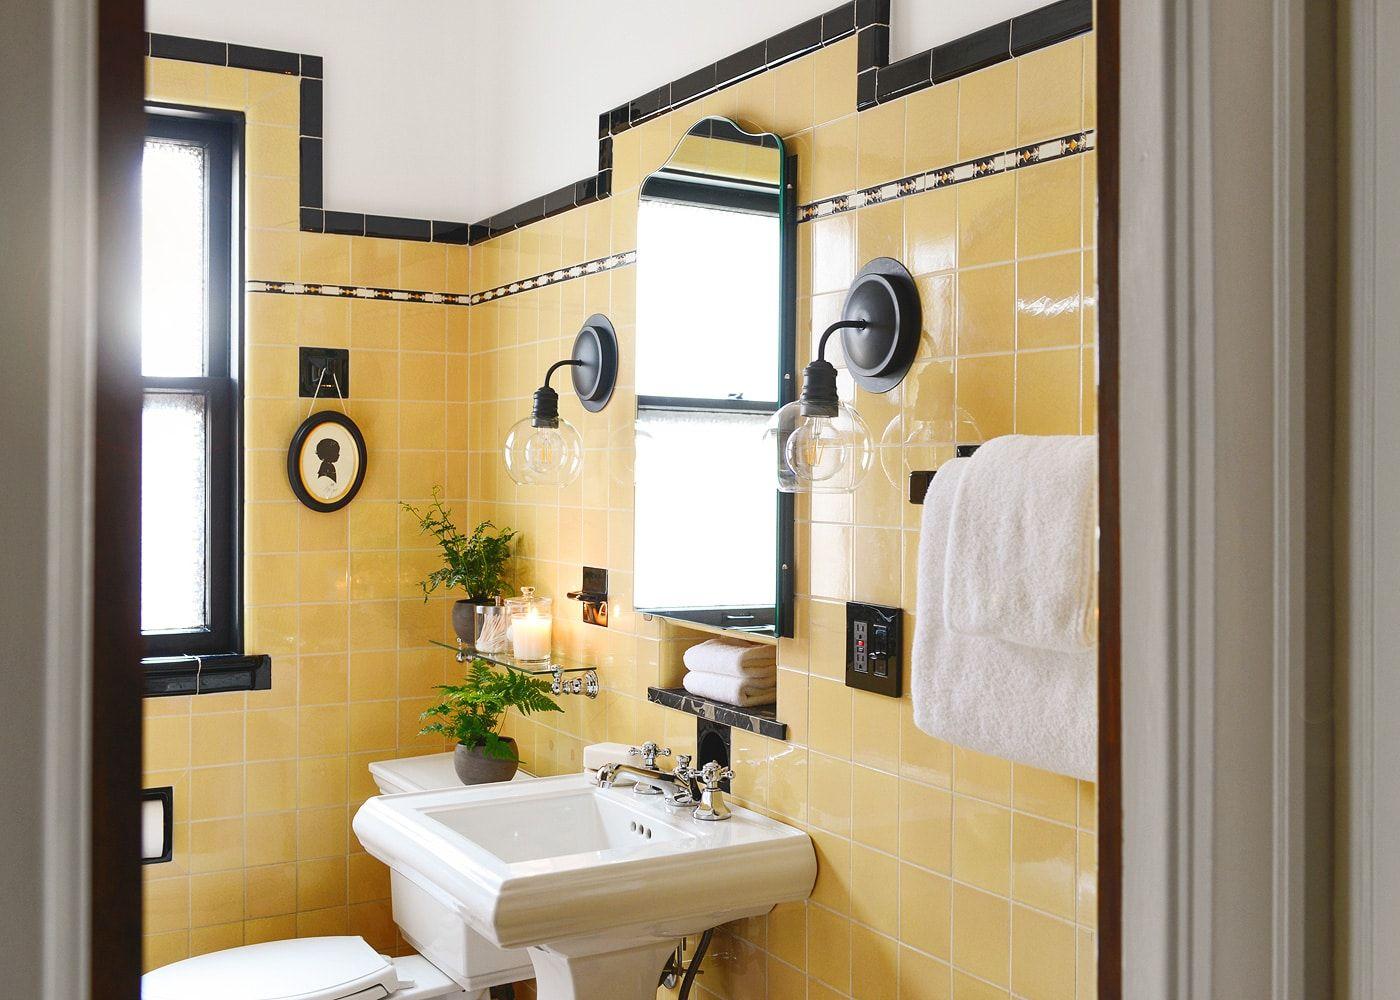 How To Refresh A Vintage Bathroom Keep The Charm Ii Of Ii Yellow Bathrooms Vintage Bathrooms Vintage Bathroom